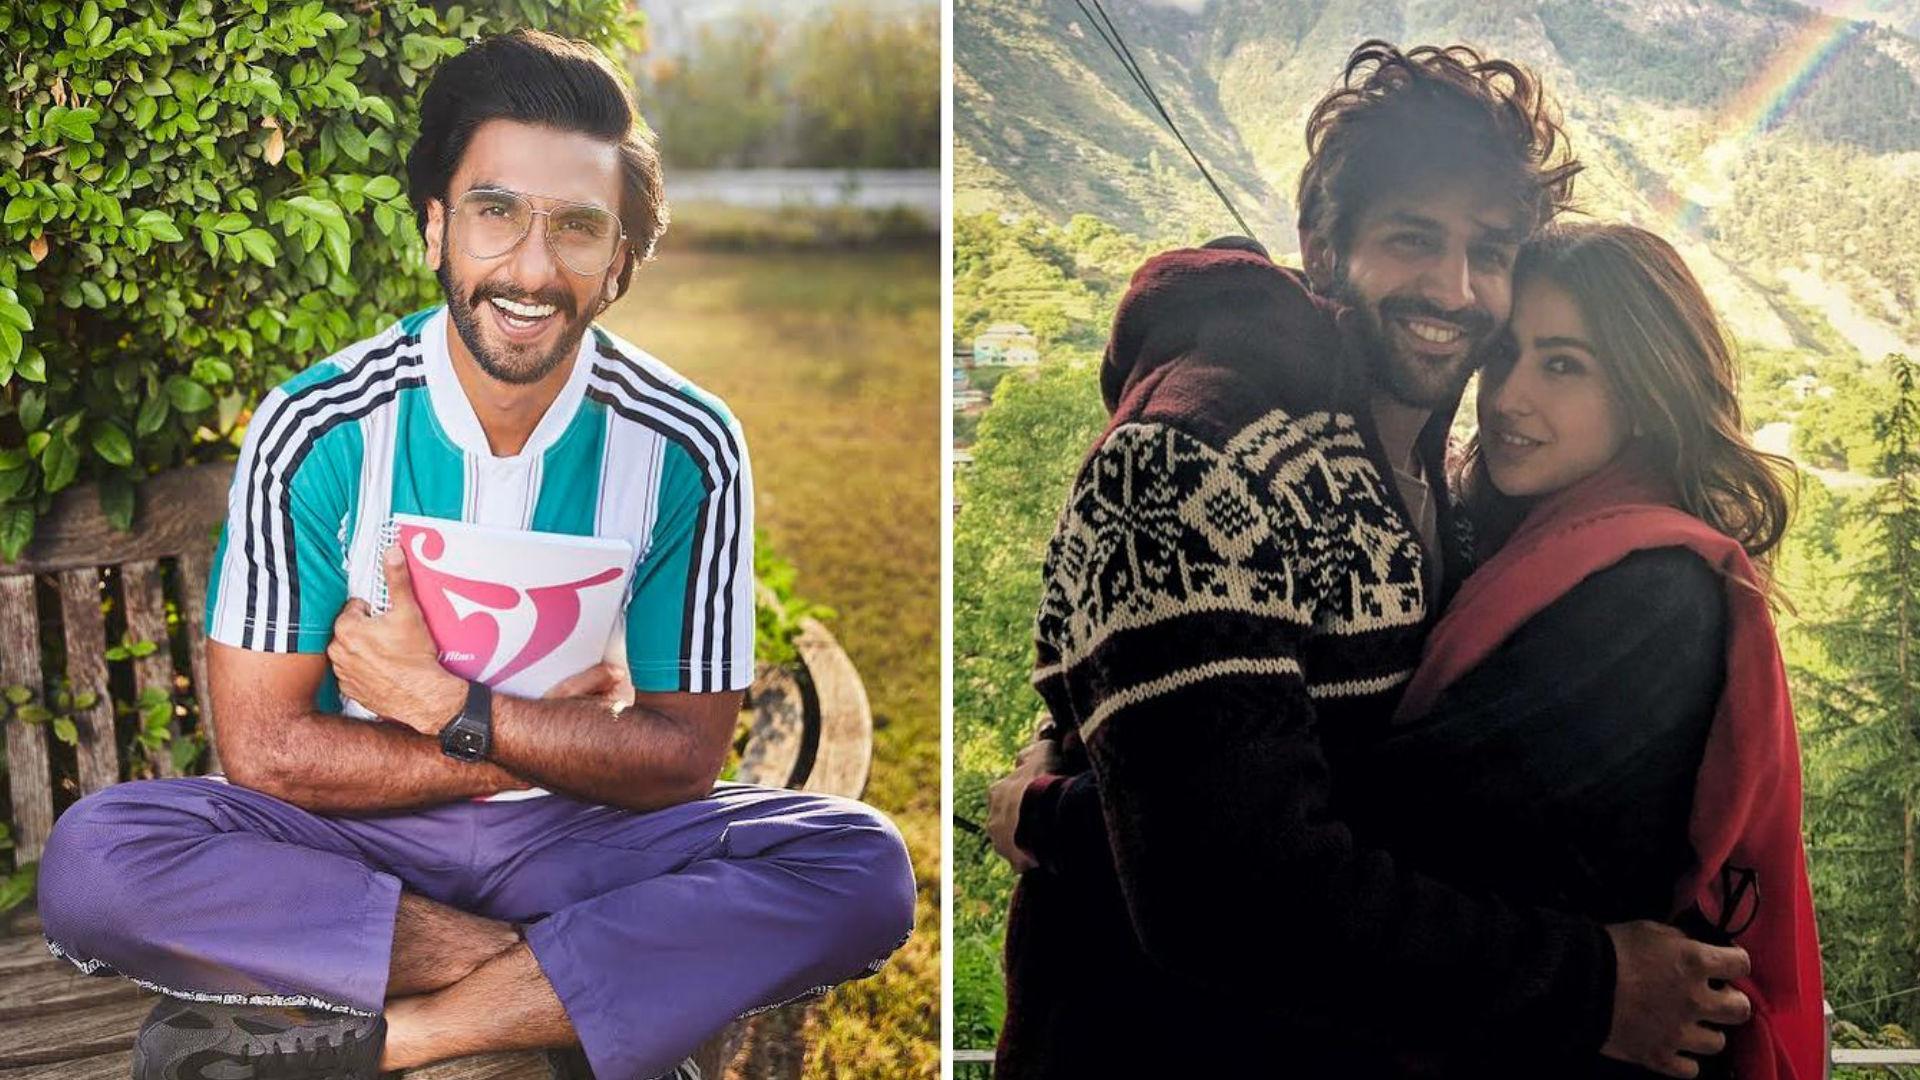 सारा अली खान ने कार्तिक आर्यन संग शेयर की रोमांटिक तस्वीर, रणवीर सिंह ने एक्ट्रेस को याद दिलाई ये बात